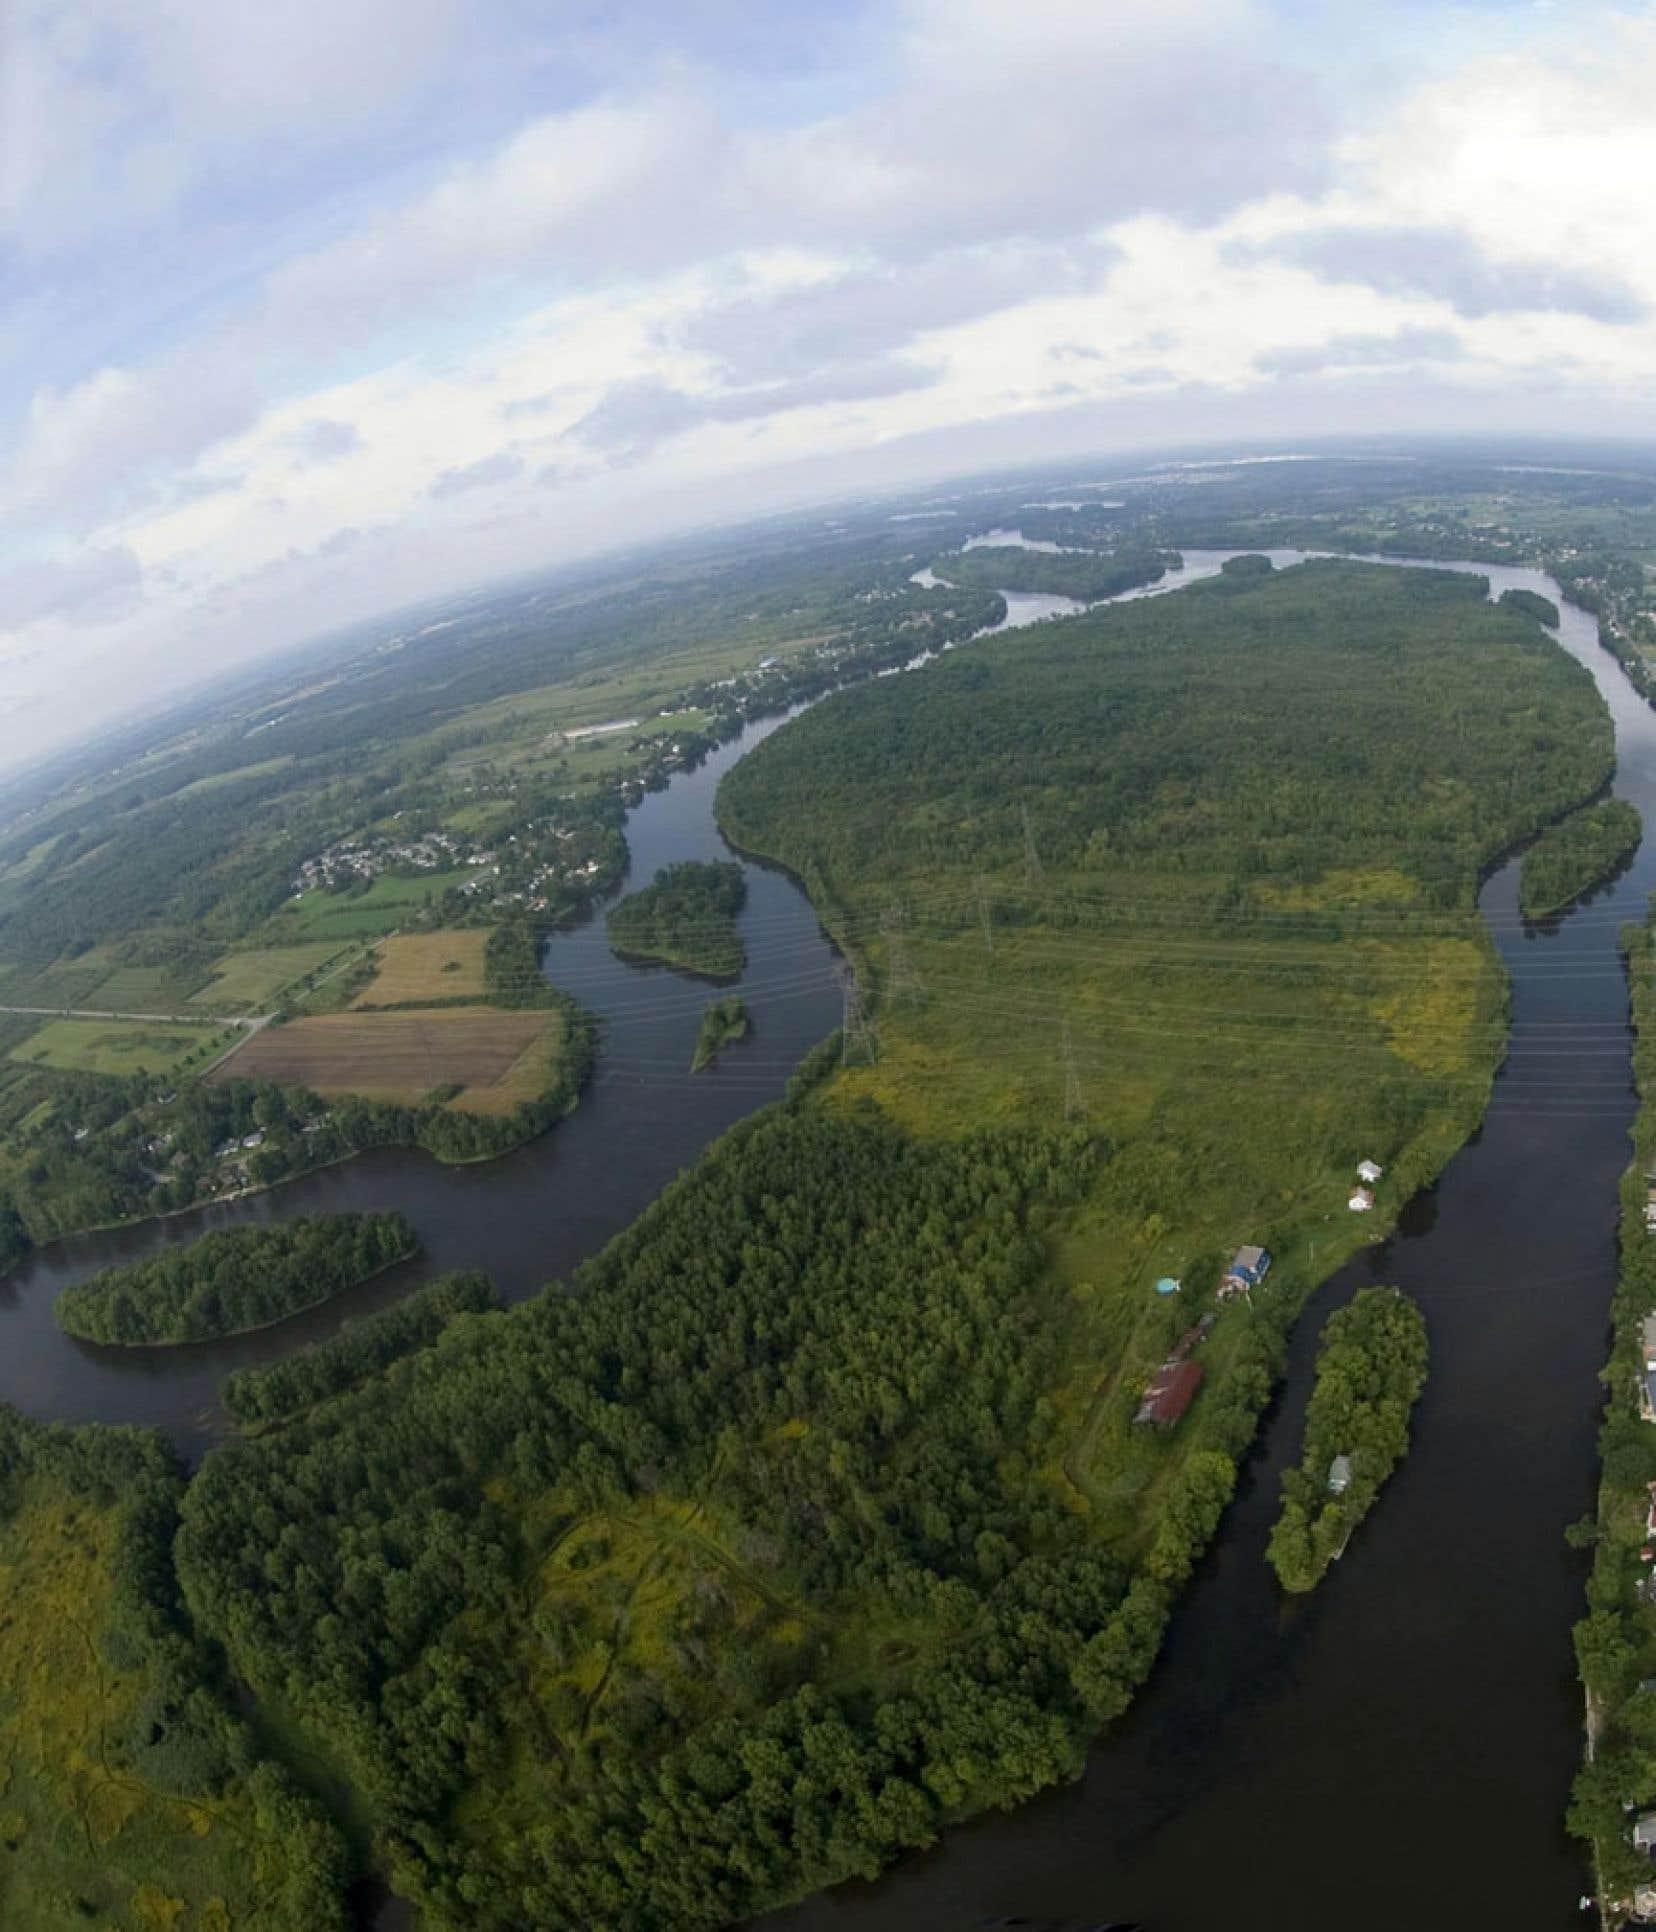 Le parc de la rivière des Mille-Îles fait partie des cinq projets en cours orientés vers la TVB, aux côtés entre autres d'un axe cyclable reliant Oka à Mont-Saint-Hilaire.